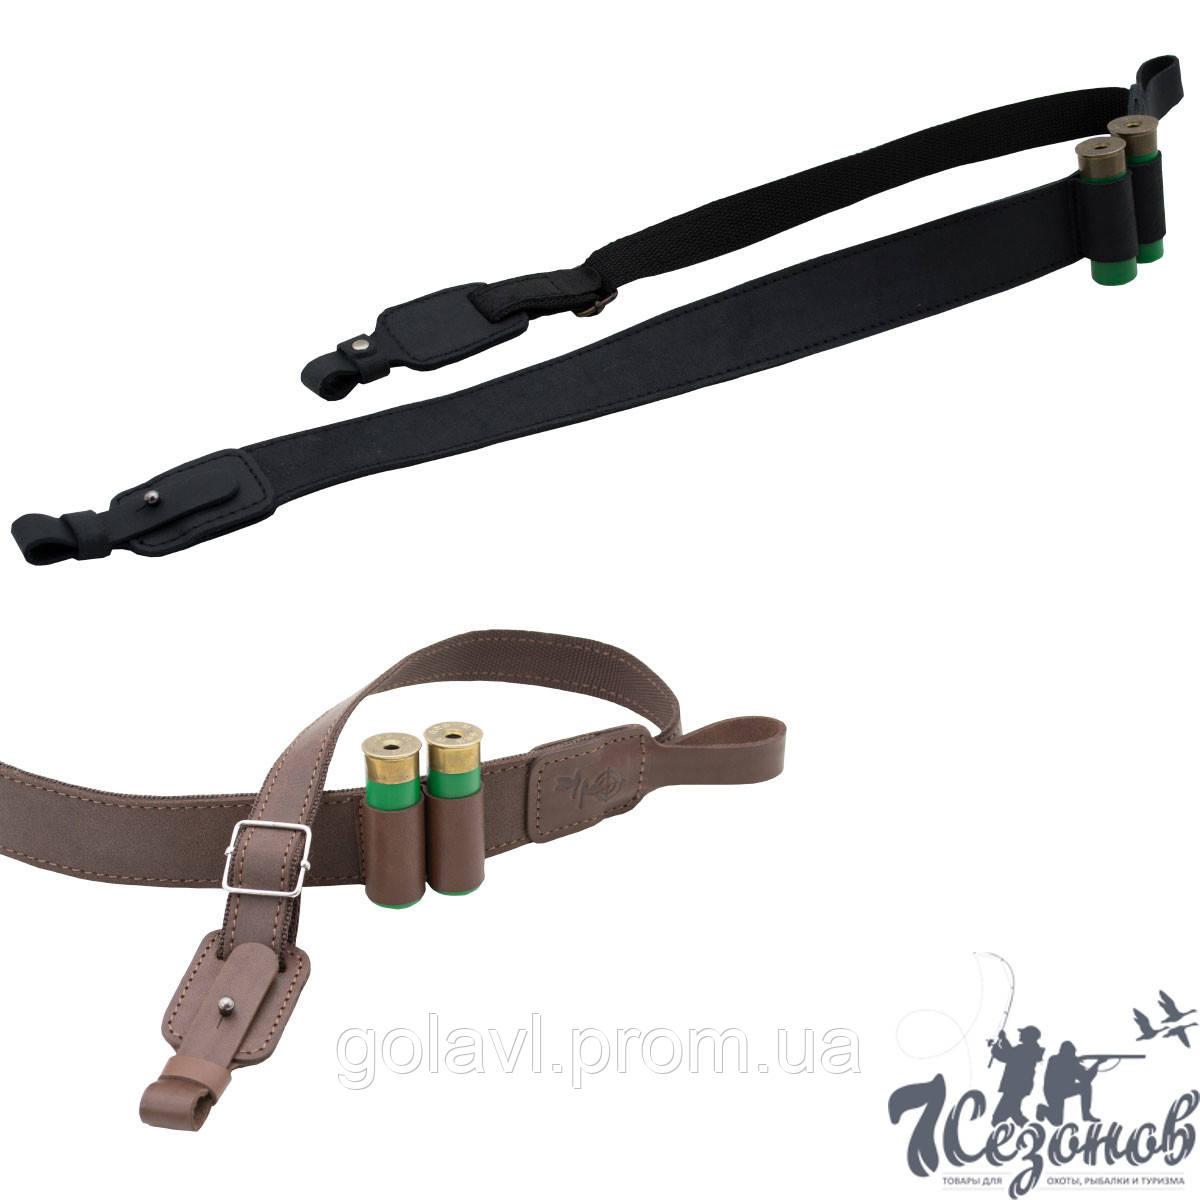 Ремень для ружья кожаный с подсумком на 2 патрона